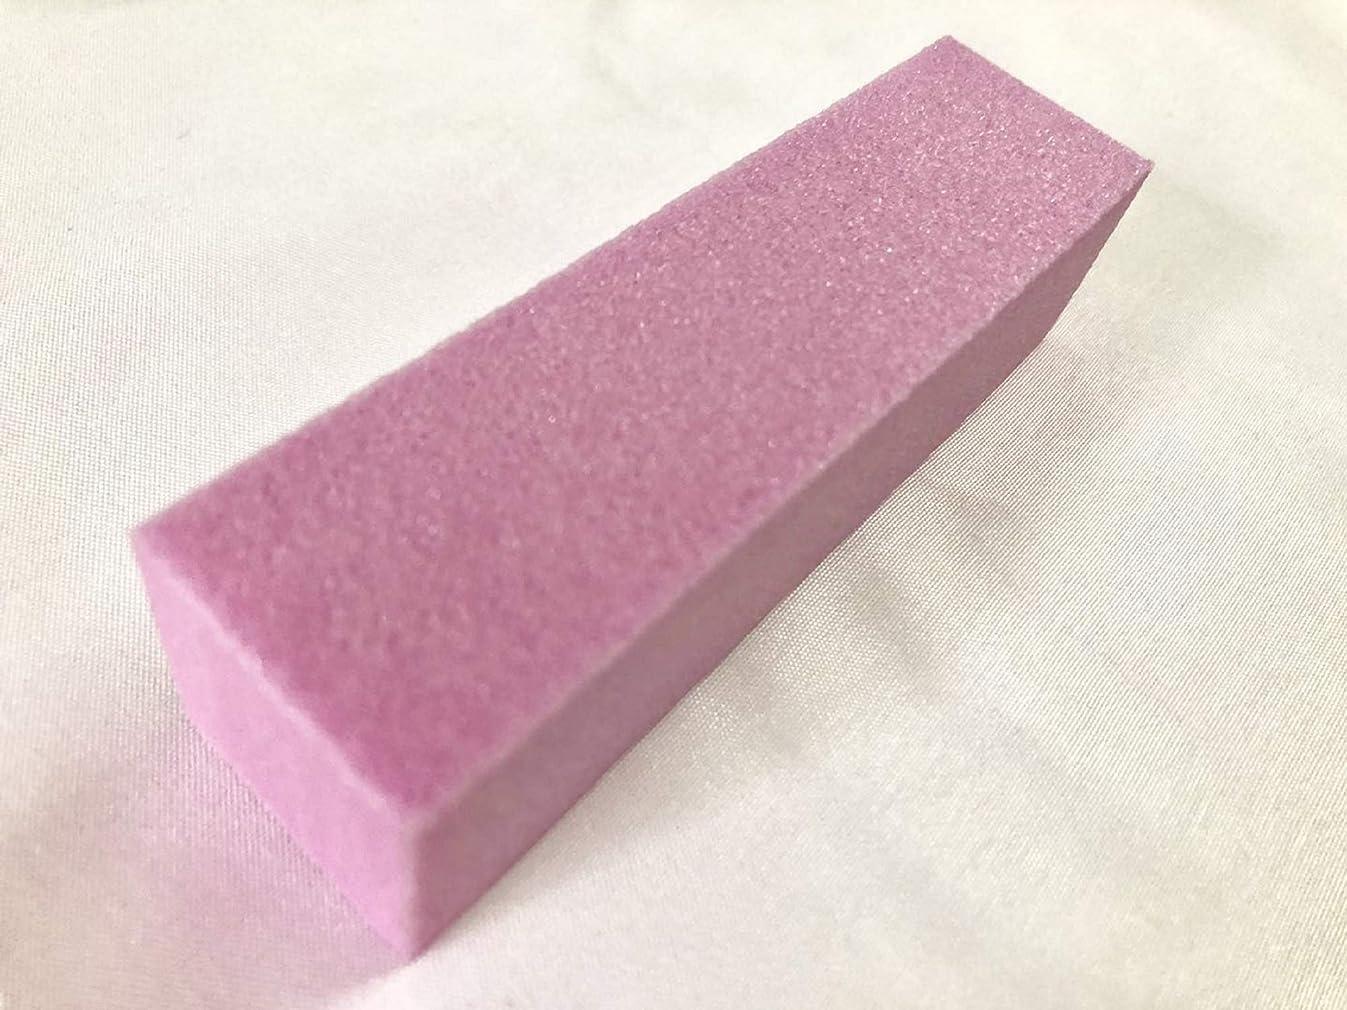 突然の解明セールスマンスポンジ ネイル ファイル 4本セット マニュキュア ネイル ジェルネイル カラフルなスポンジやすりです 使用用途: ネイルファイル 角質とり 刃物のやすり